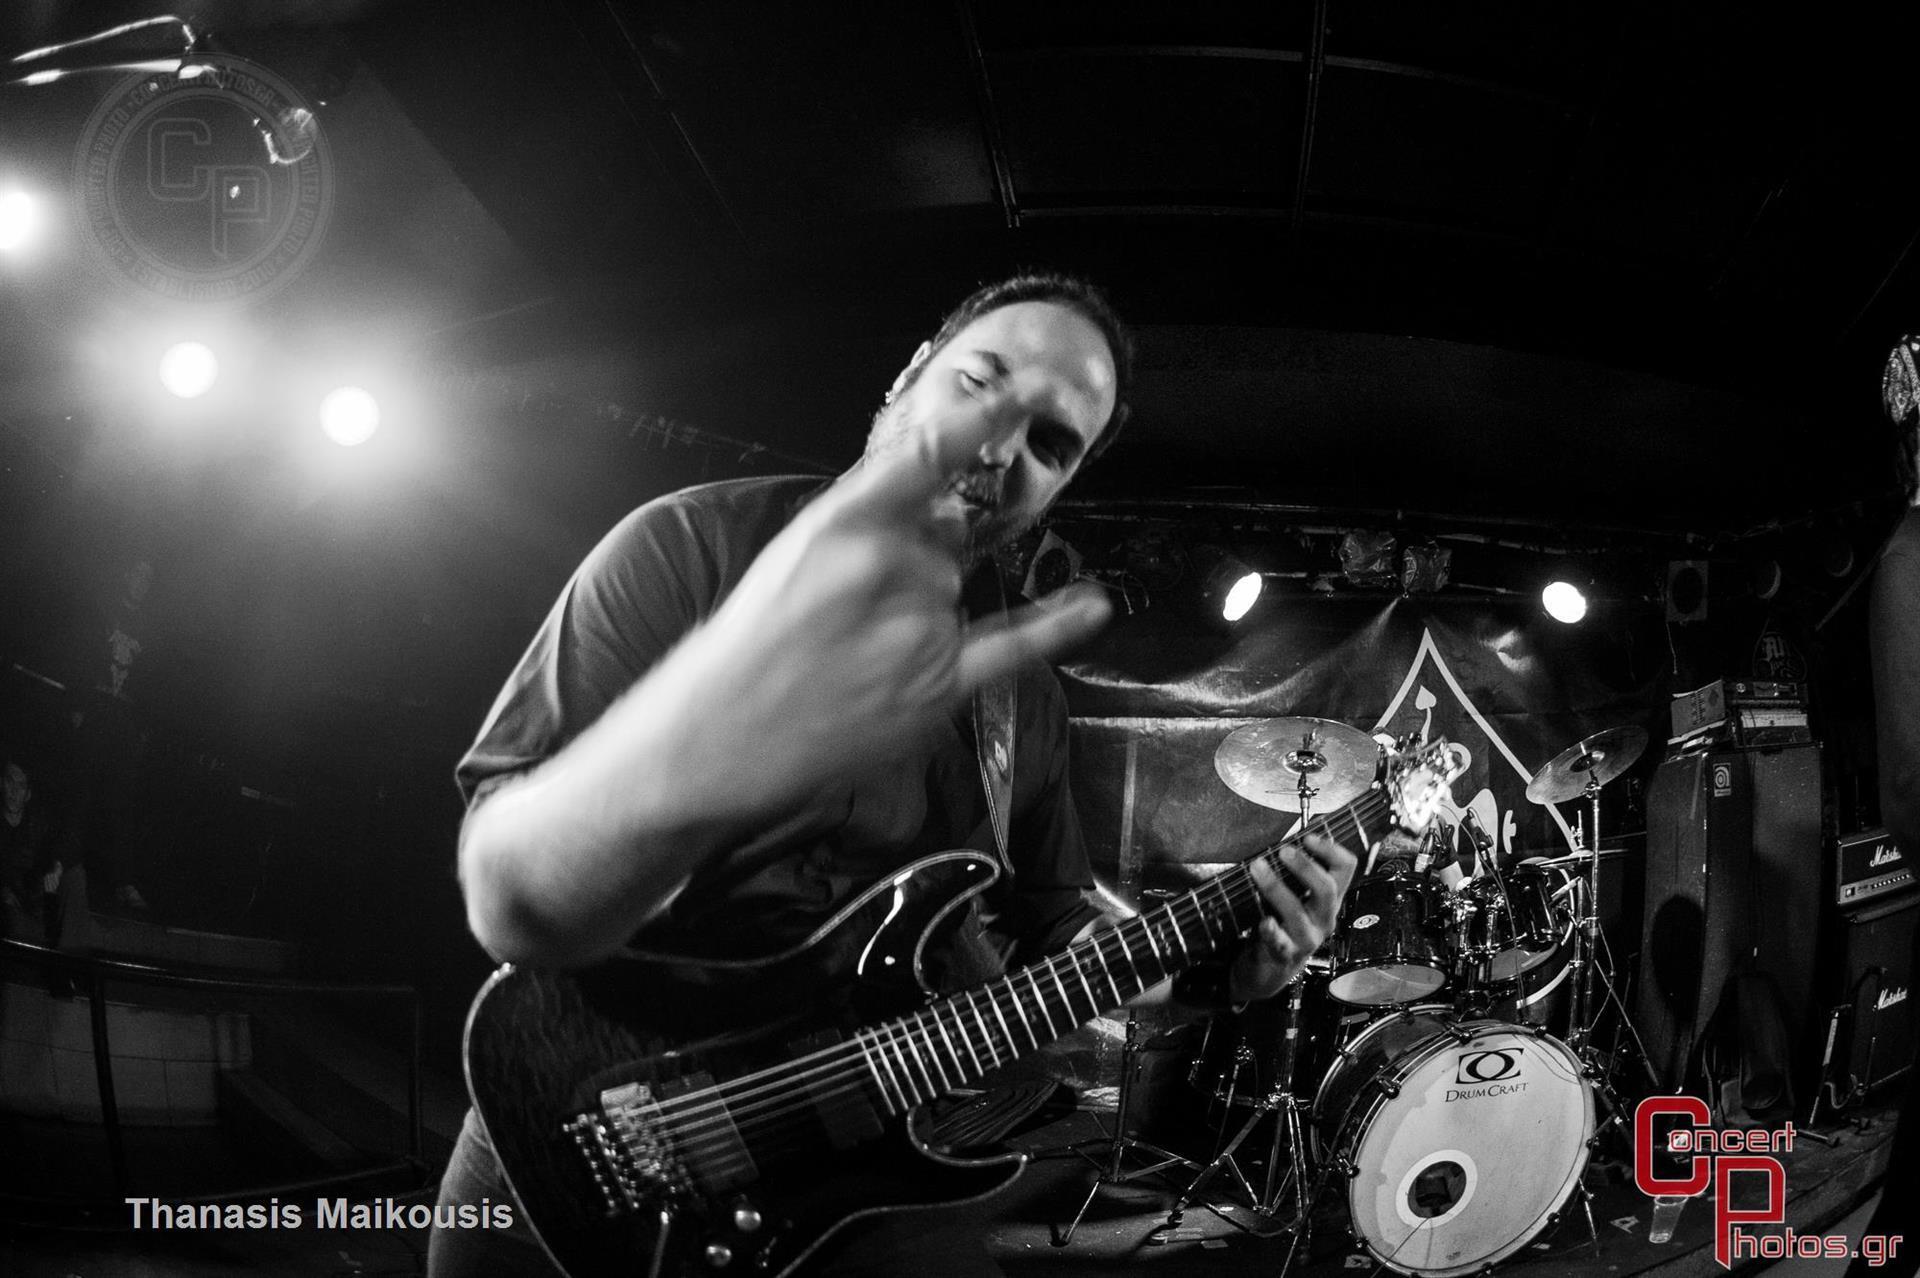 Battle Of The Bands Leg 5-Battle Of The Bands Leg 4 photographer: Thanasis Maikousis - ConcertPhotos - 20150315_2203_51